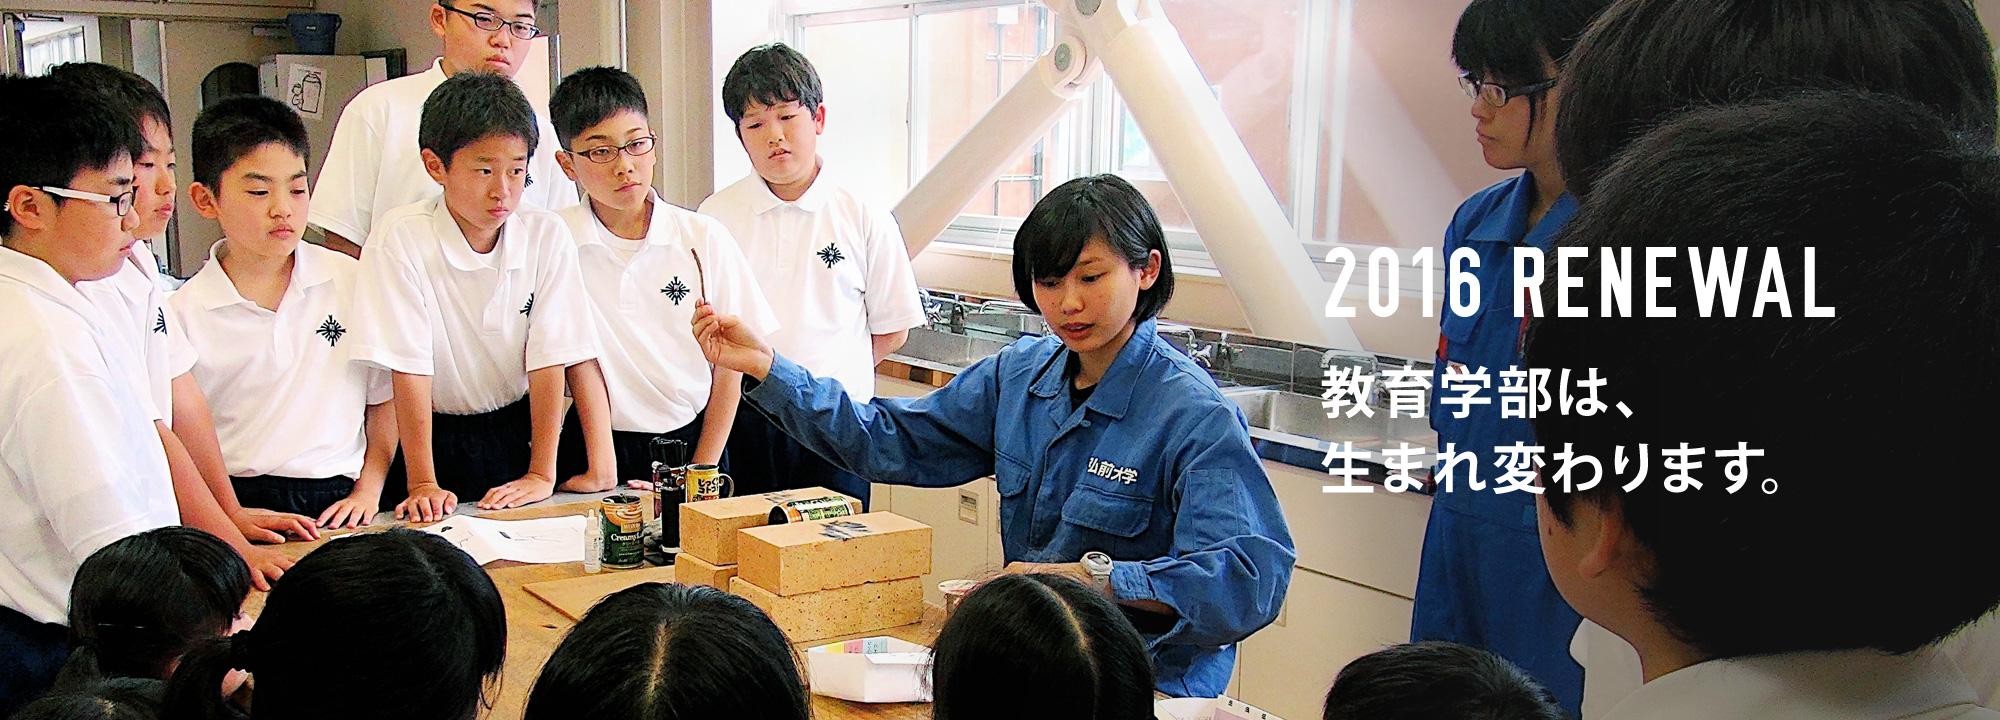 地域で活躍できる「専門力」と「実践力」を持った教員の養成を目指して